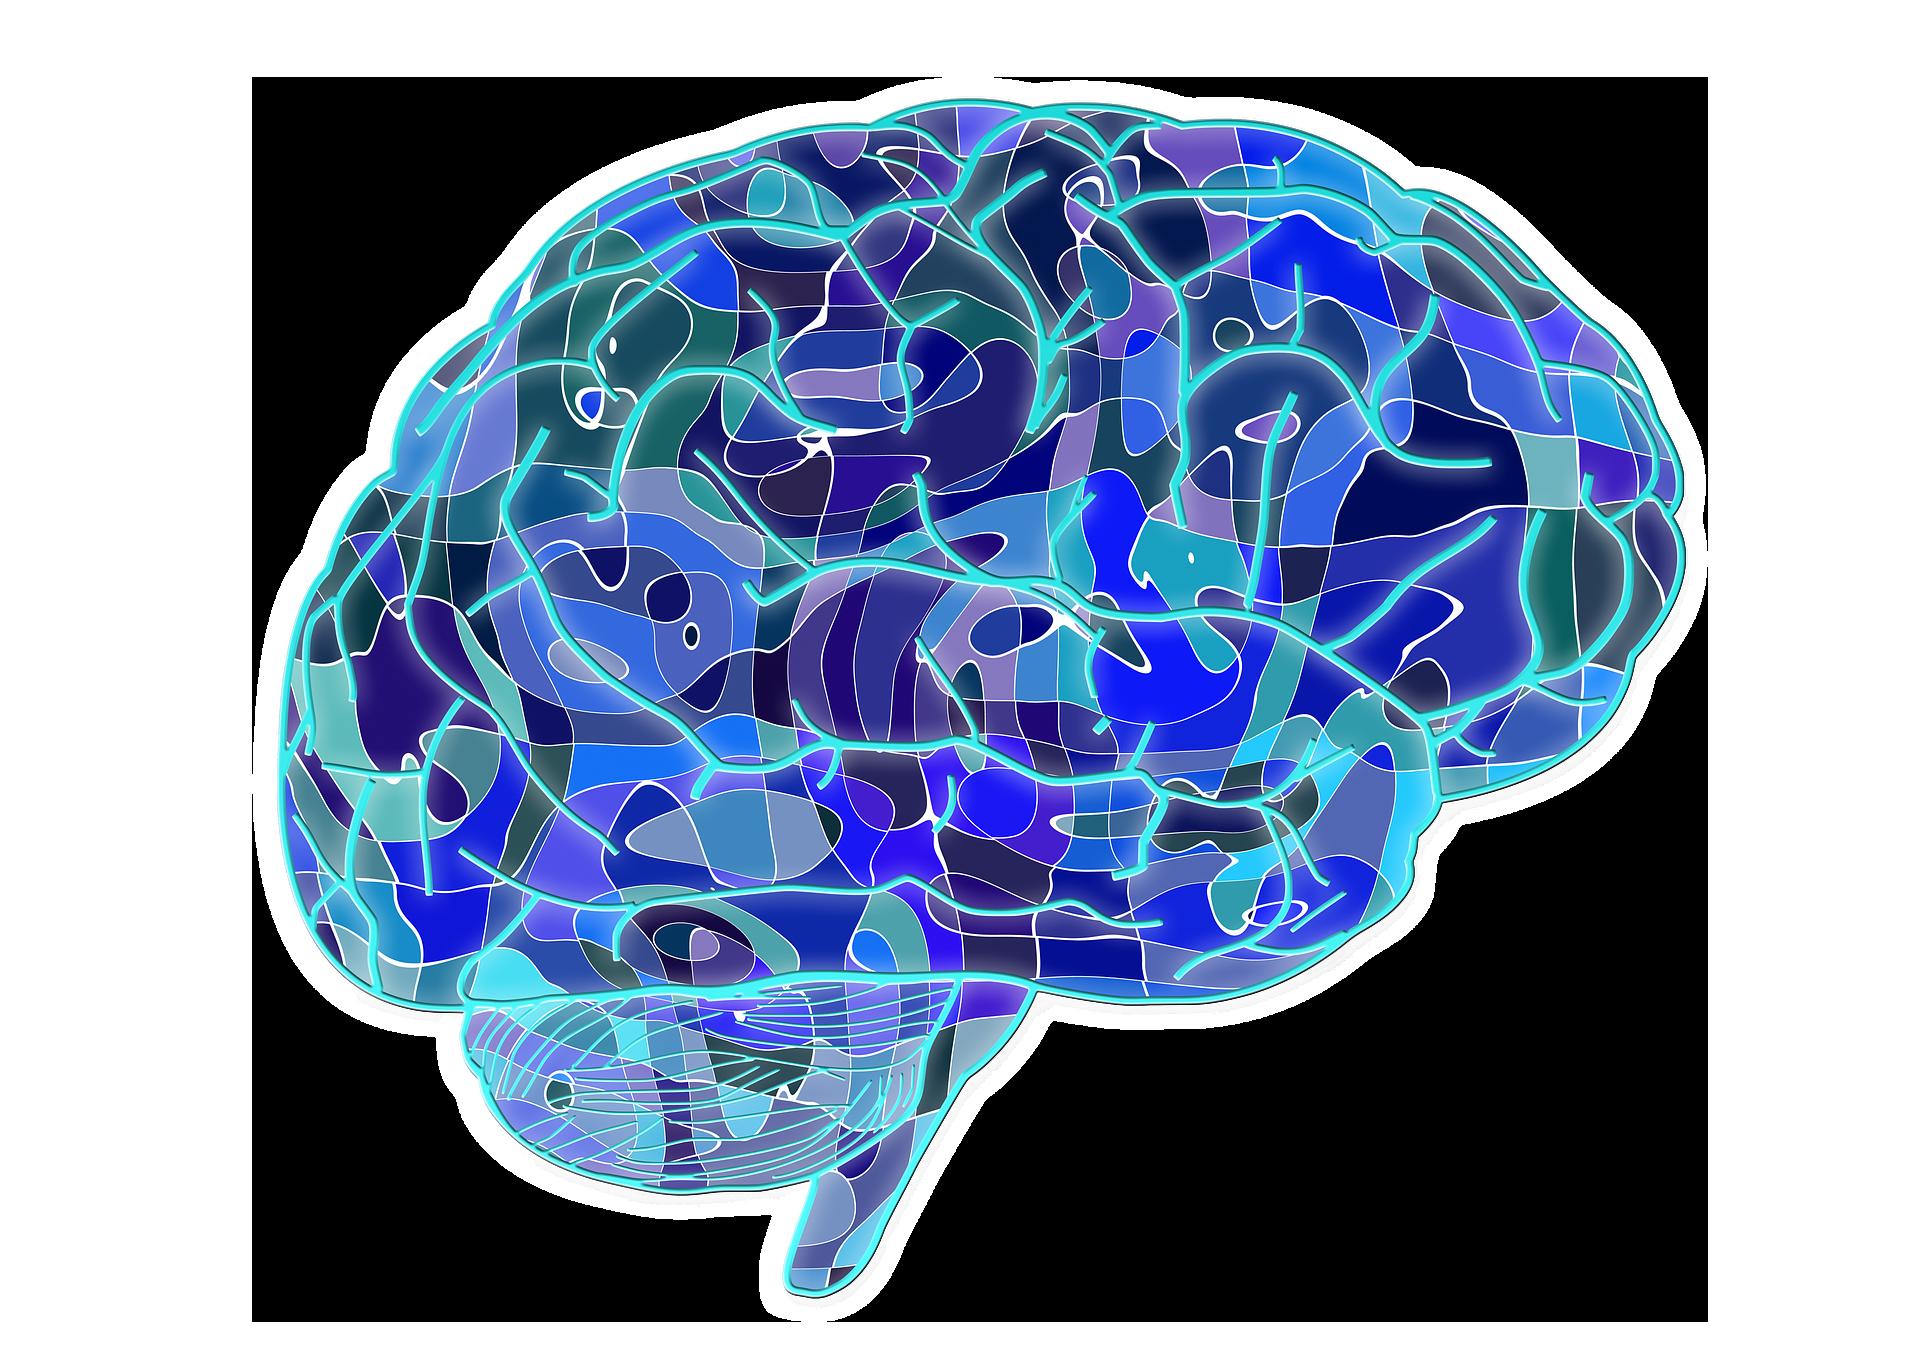 Drawn brain public domain #13